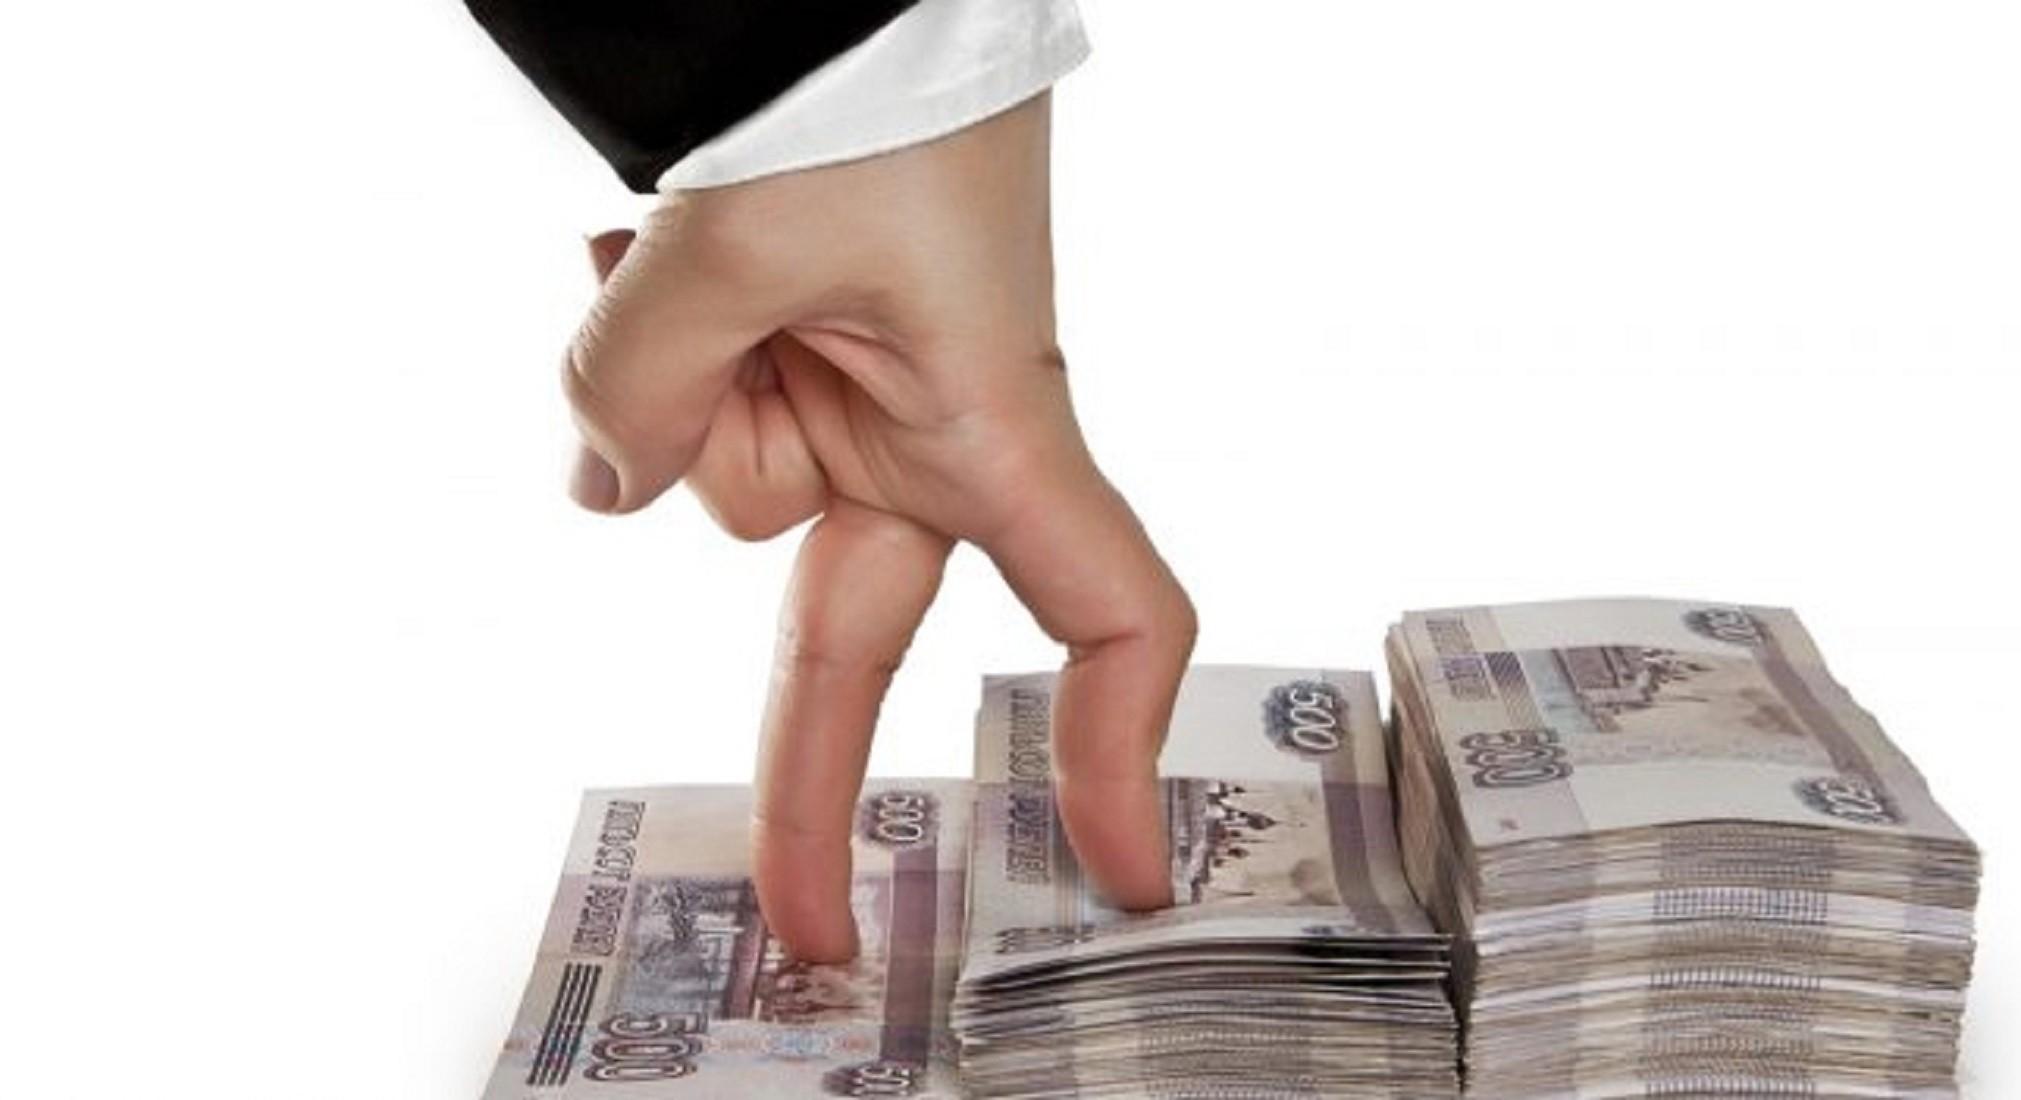 Геннадий Зюганов предложил установить минимальную зарплату в размере 25 тысяч рублей